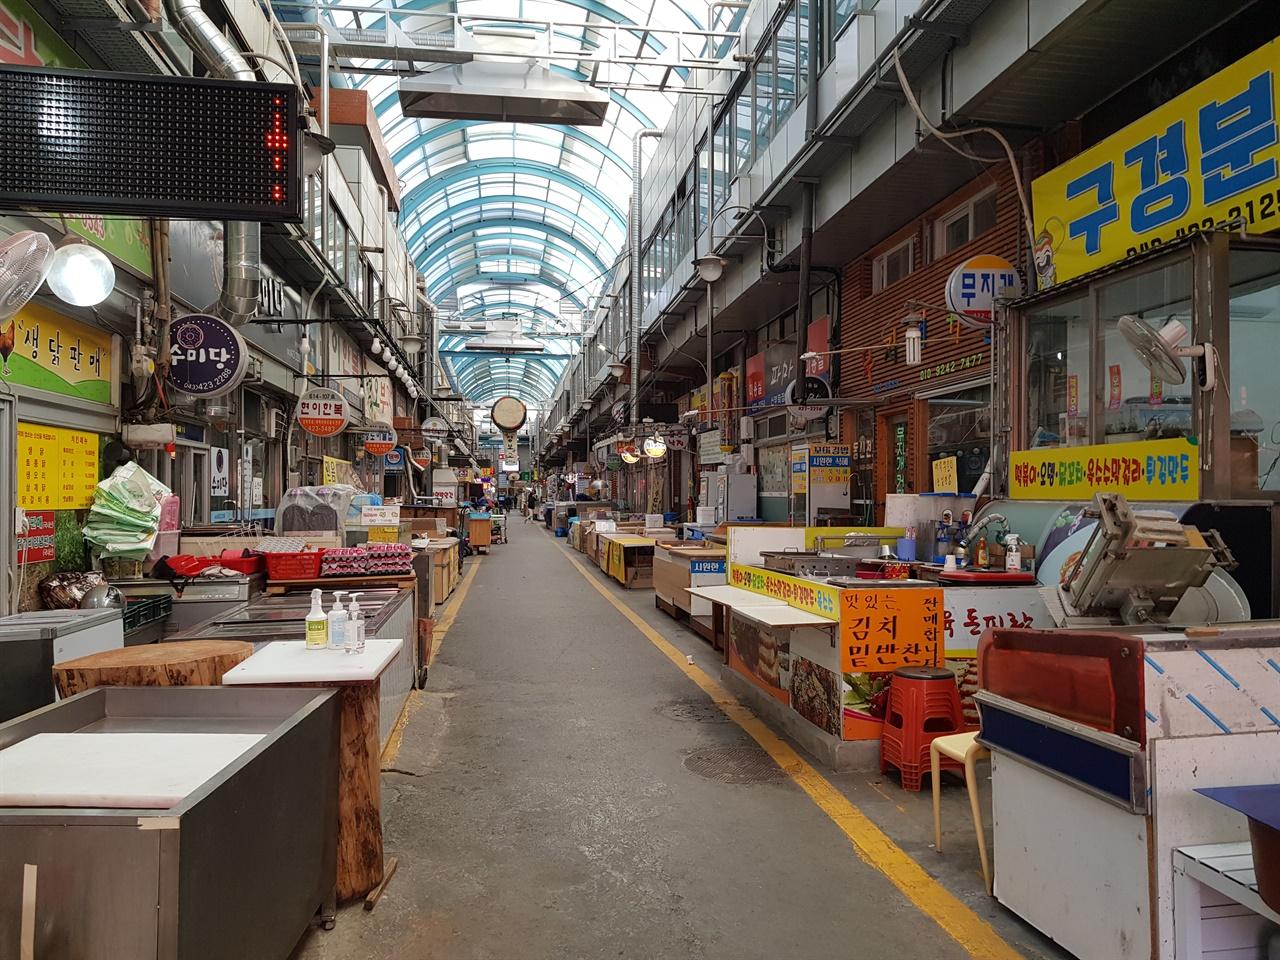 단양구경시장 주말이면 관광객들로 붐비던 구경시장에는 상인들도 가게 밖으로 나오지 않고 썰렁한 모습을 보이고 있다.